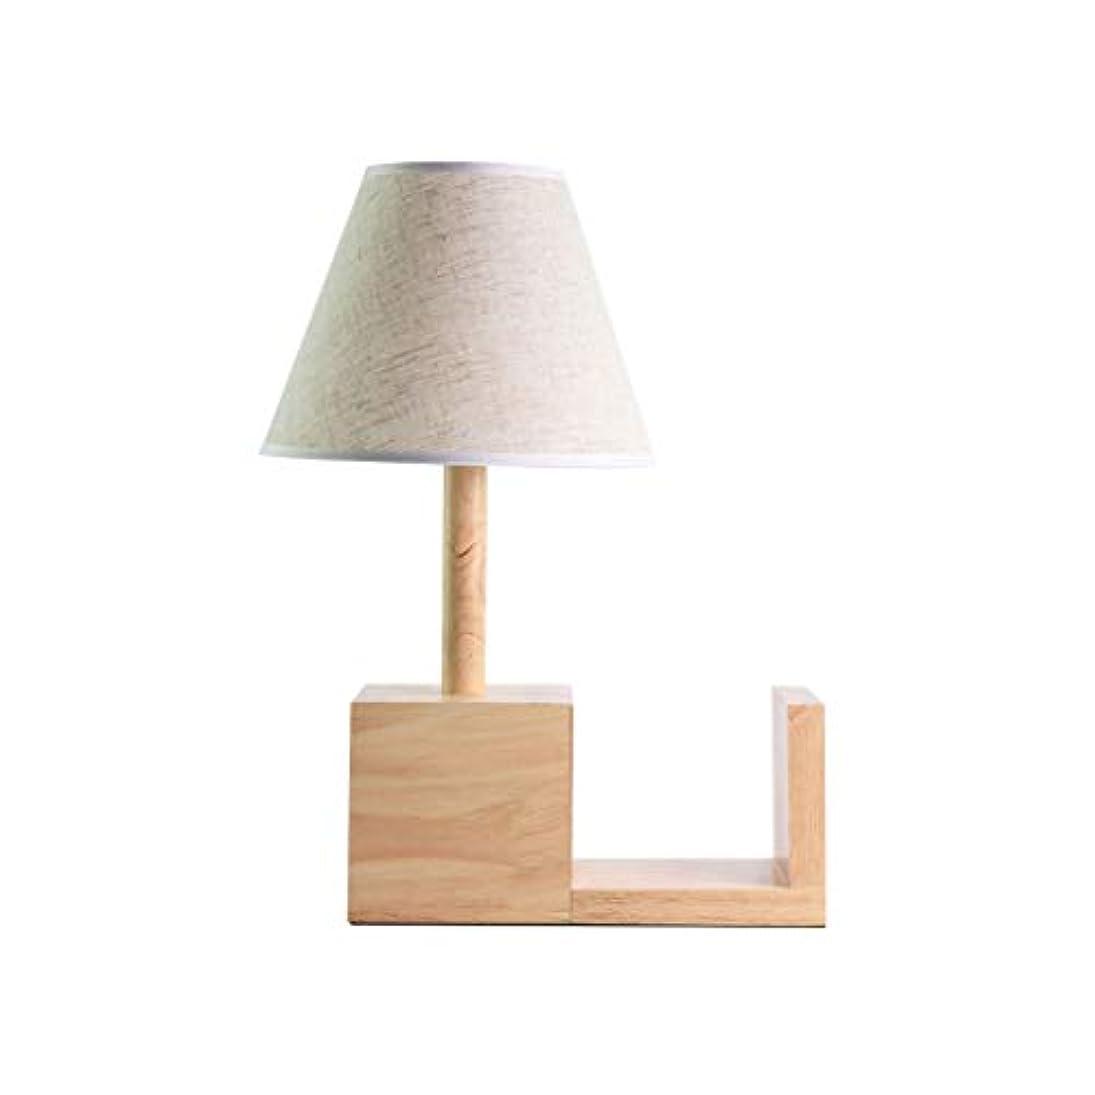 増幅崖叱る明るい 純木の電気スタンドテーブルランプの寝室のベッドサイドランプシンプルなクリエイティブロマンチックな電気スタンド 照明システム (Color : White)